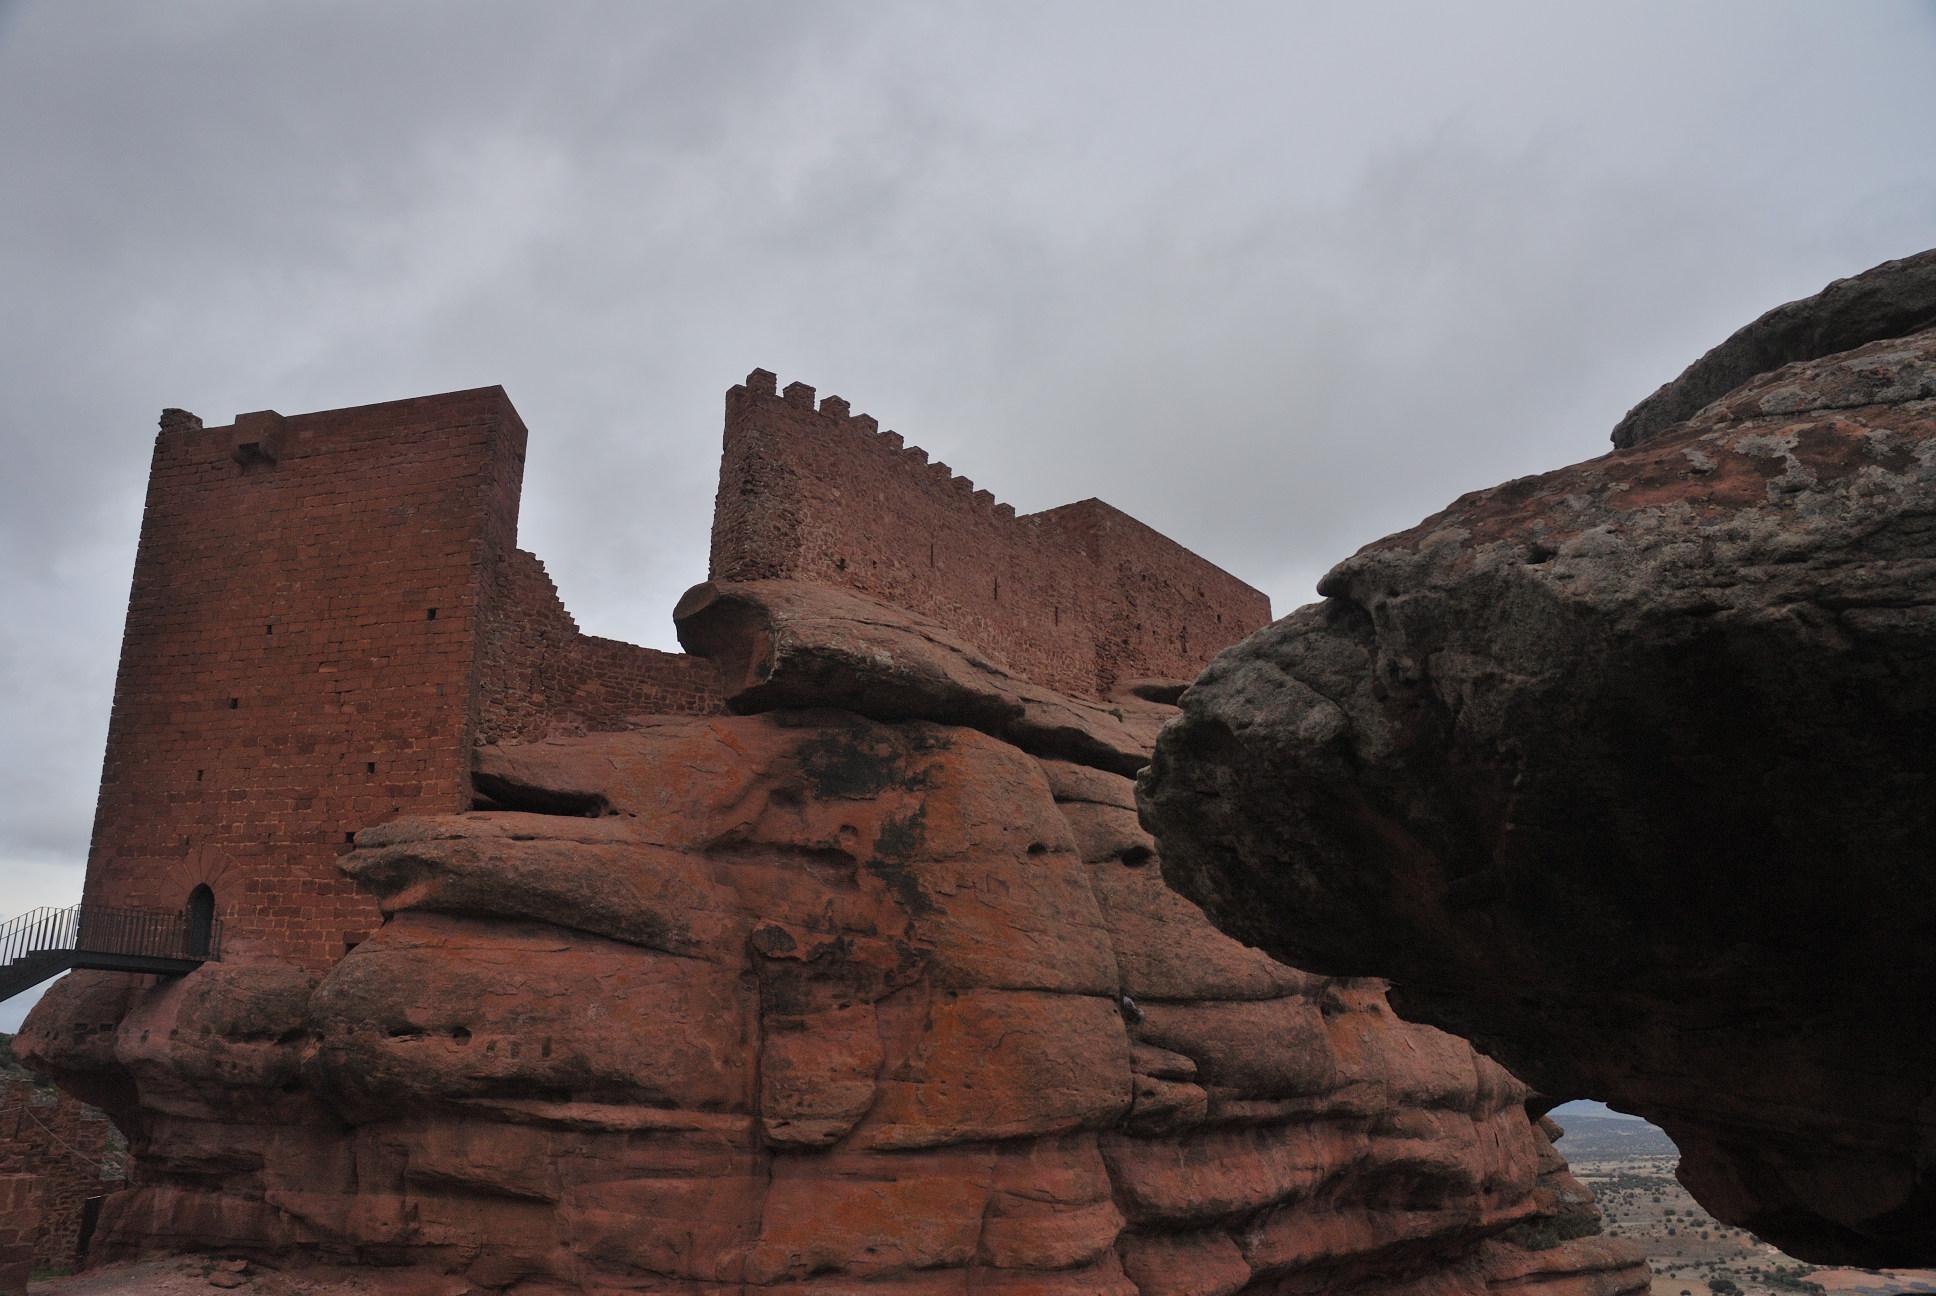 El castillo de Peracense: recinto superior